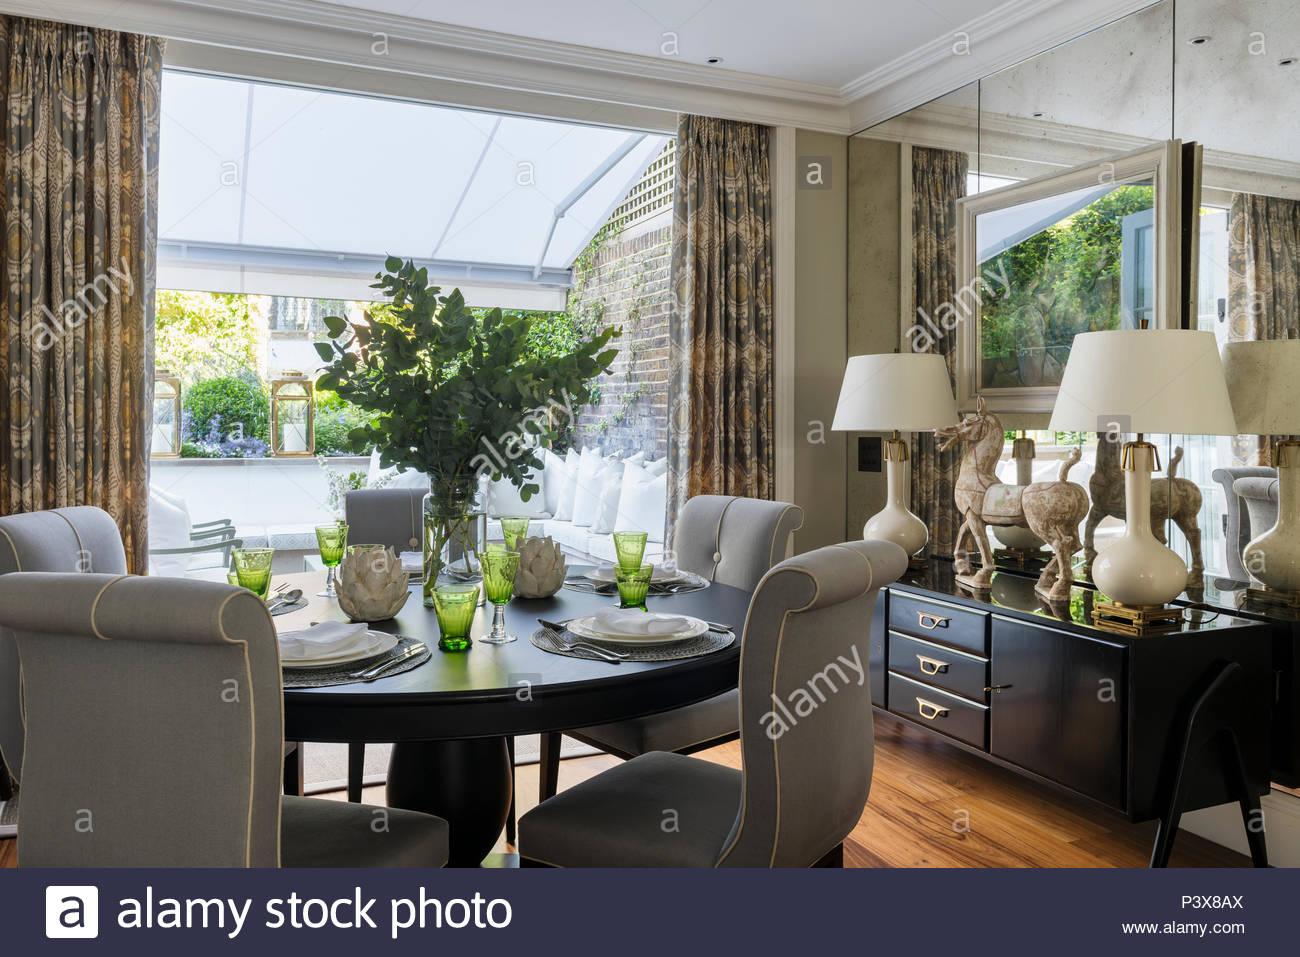 Credenza Da Centro : Disposizione di foglia in centro del tavolo con credenza da fiona